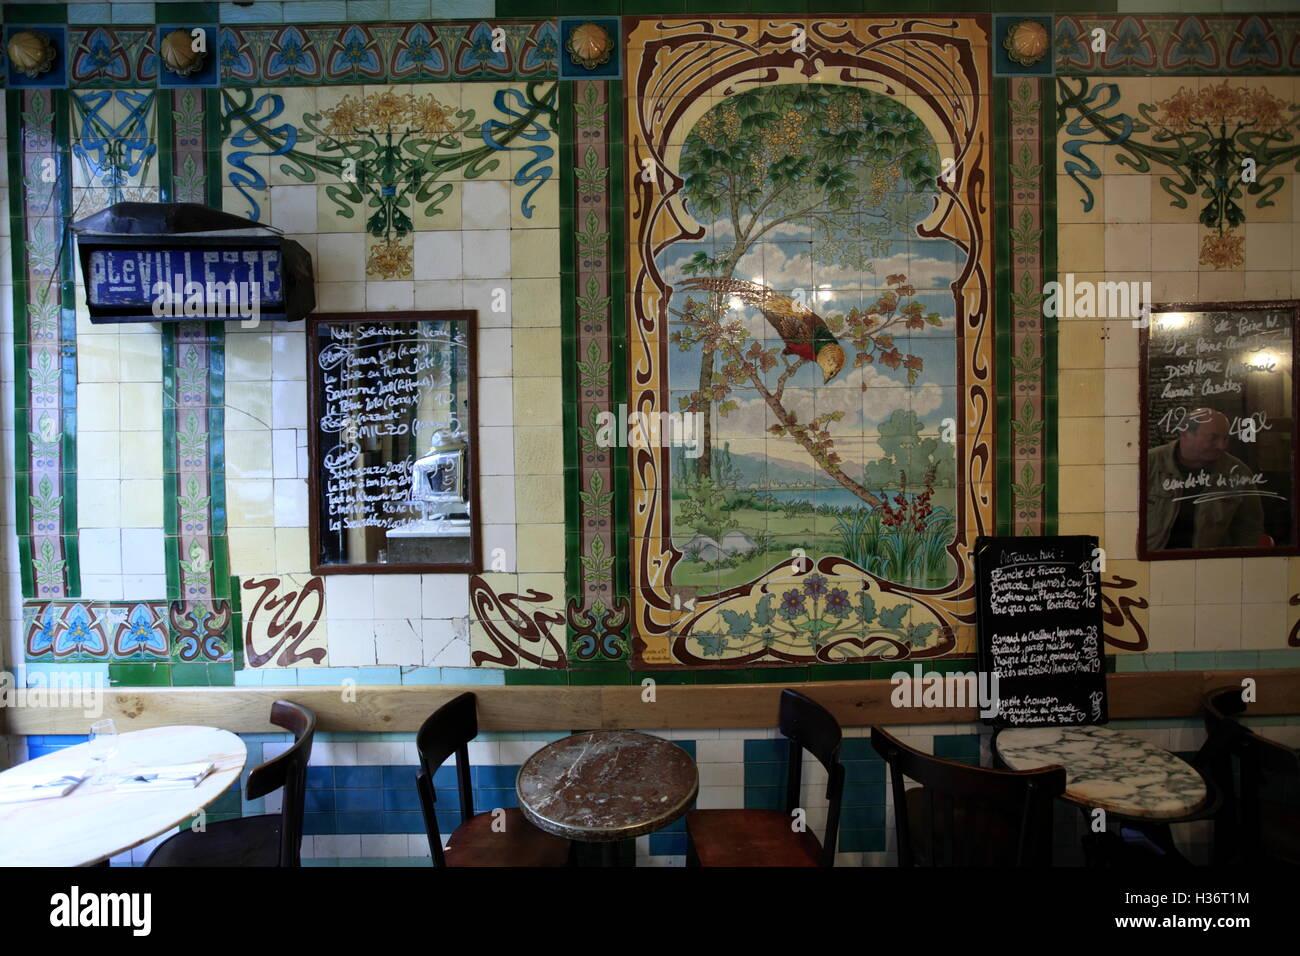 Restaurant vivant with art nouveau style tiles decorations